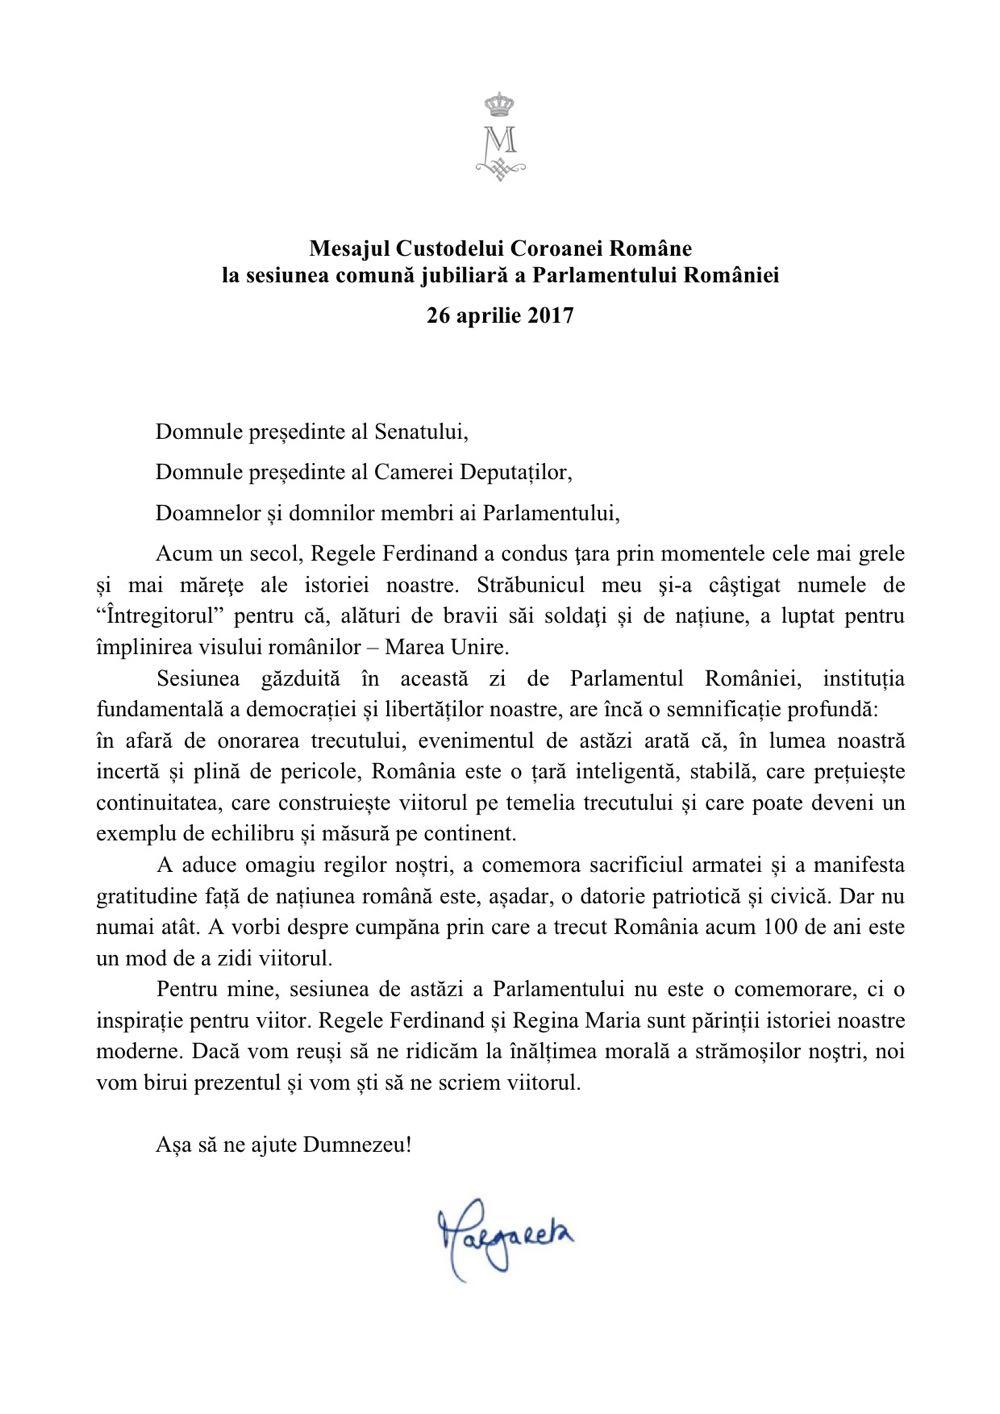 Mesajul Custodelui Coroanei la Parlamentul Romaniei 26 aprilie 2017